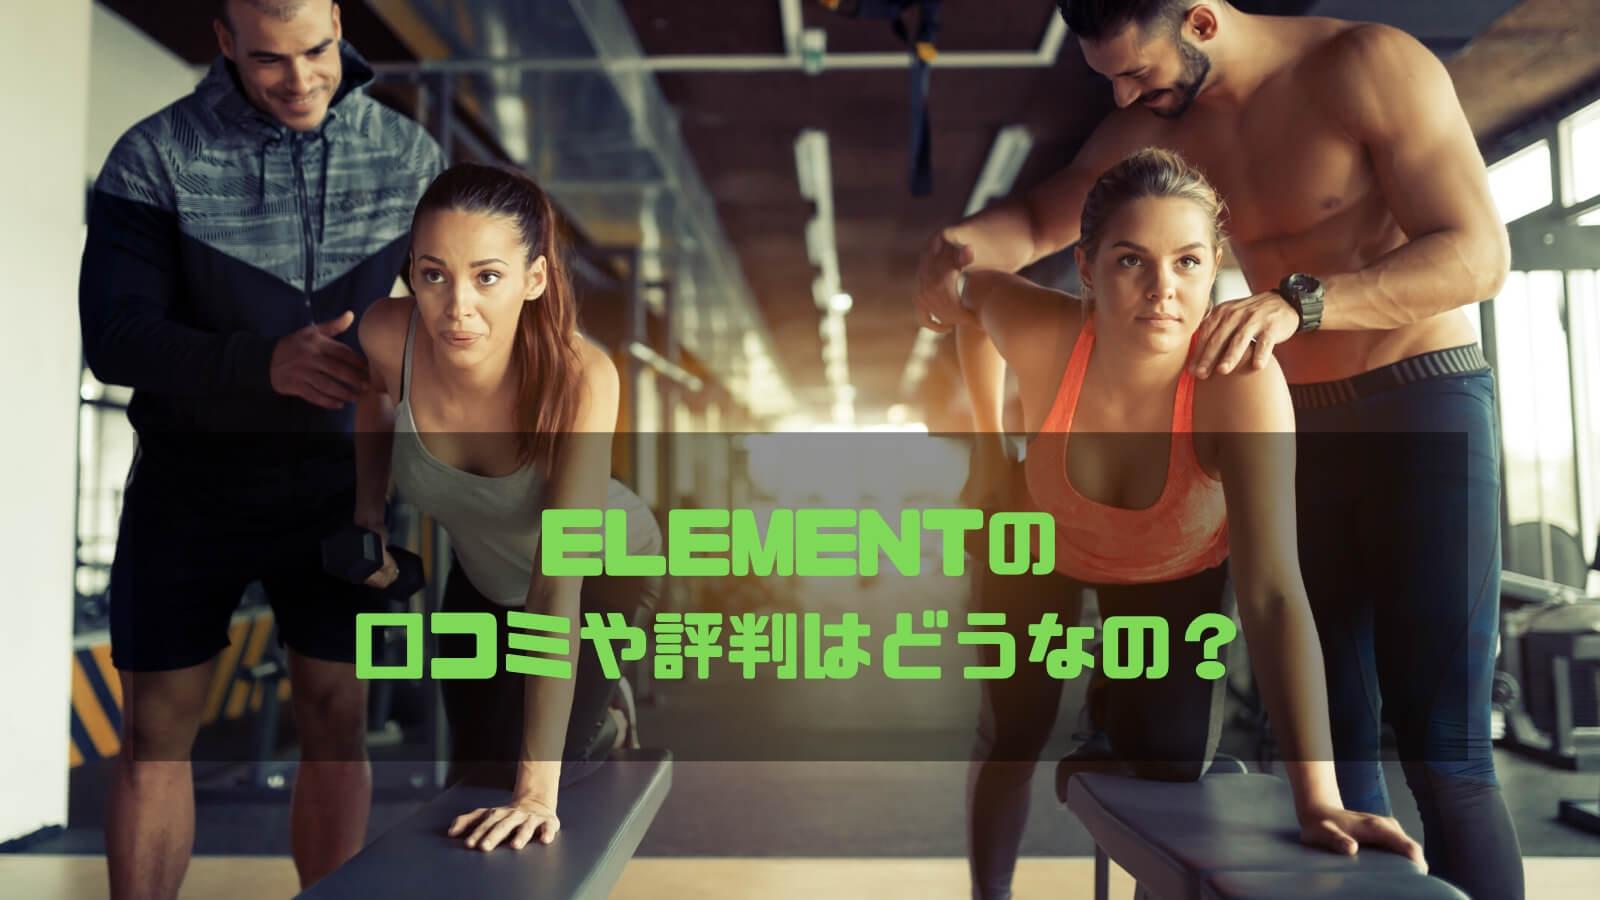 【パーソナルトレーニングジム】ELEMENTの口コミや評判はどうなの?